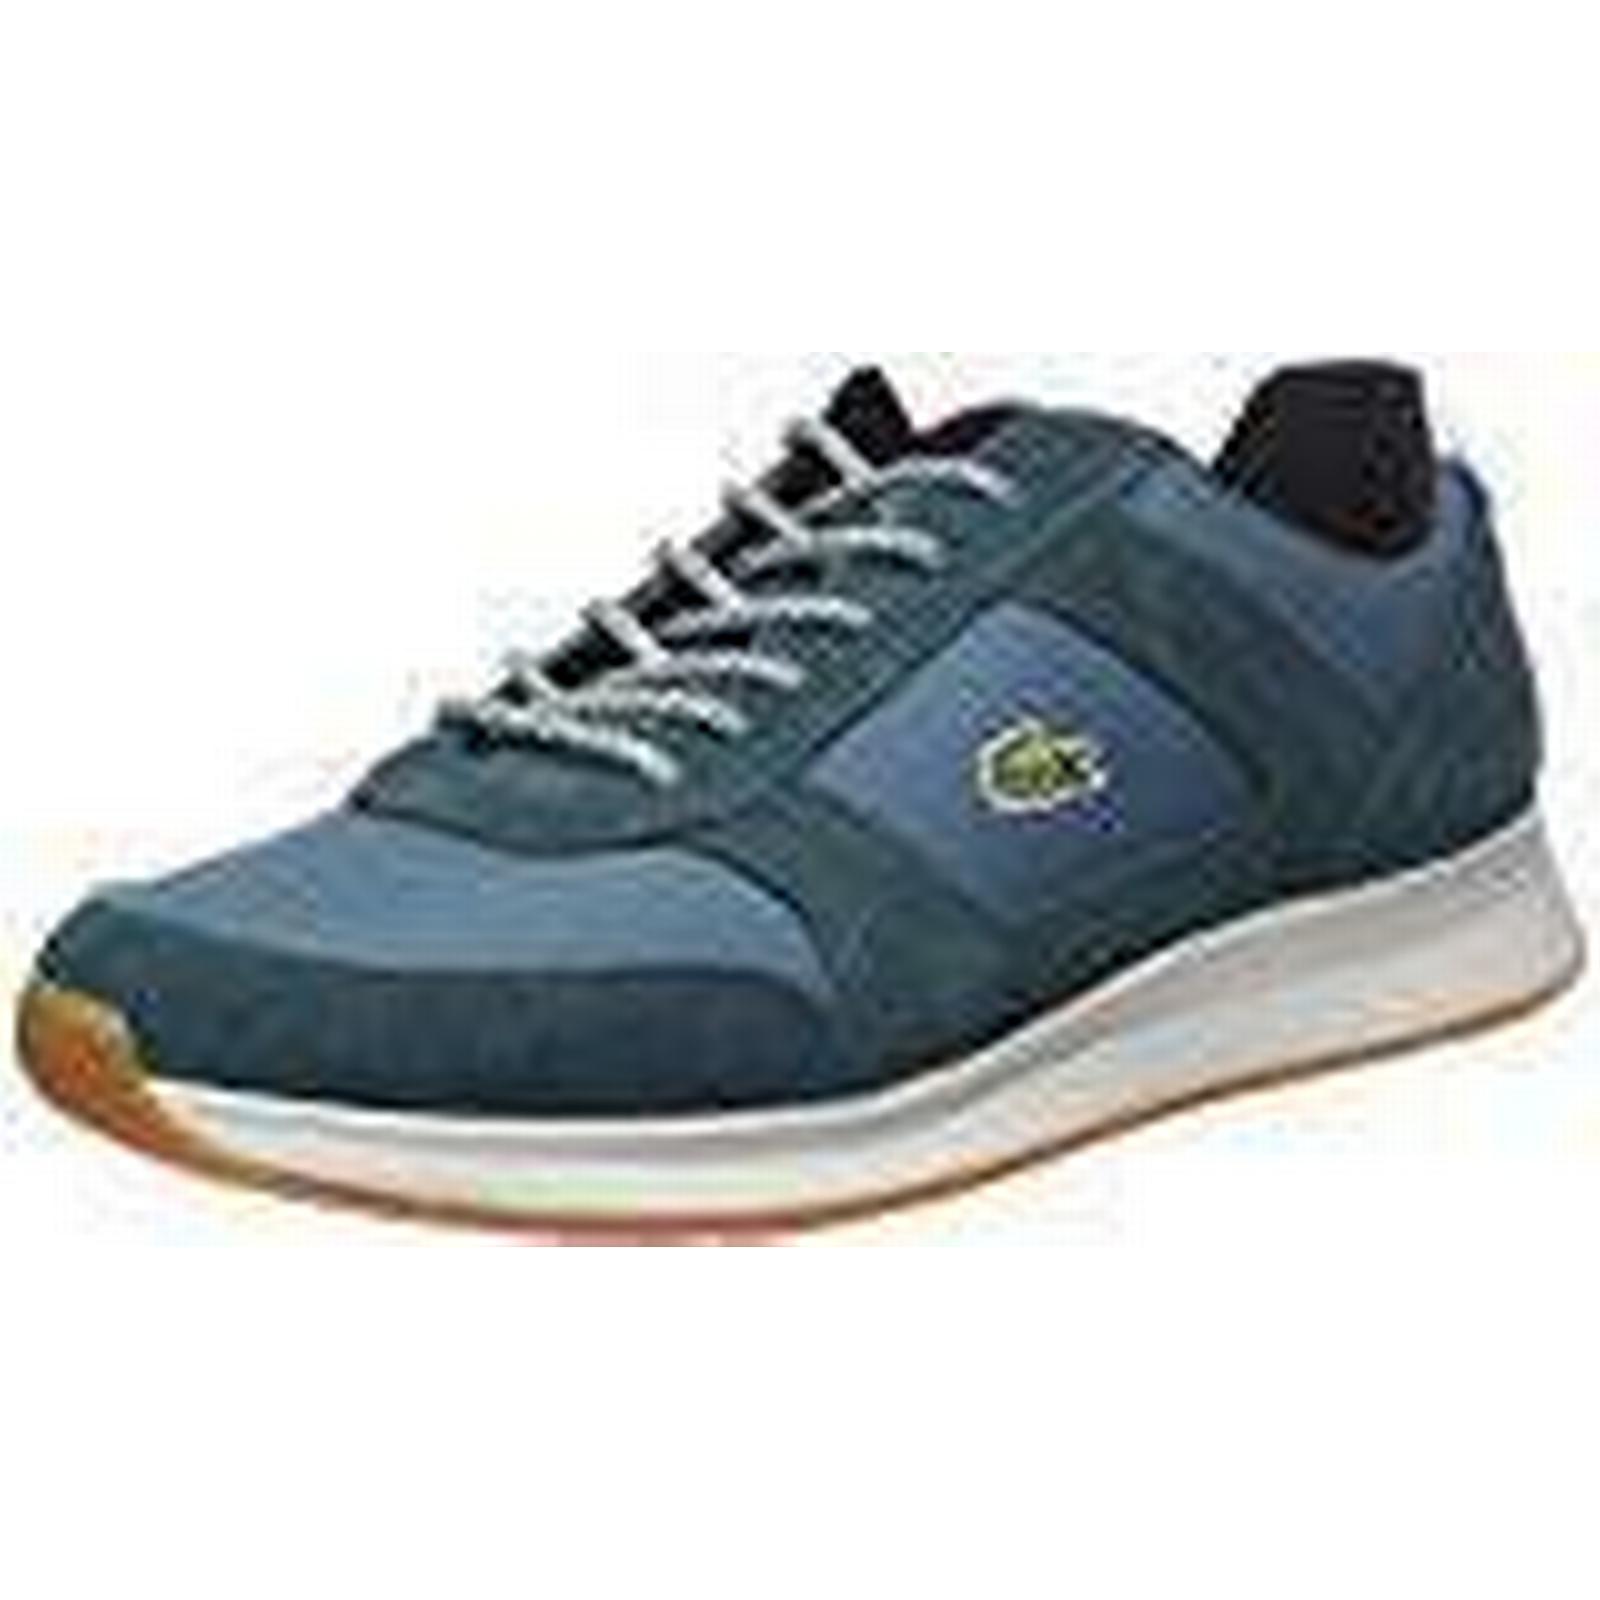 Lacoste Sneakers, Sport Men's Joggeur 417 1 SPM Dk Low-Top Sneakers, Lacoste Green (Grn/Blk), 9 UK 2b1495